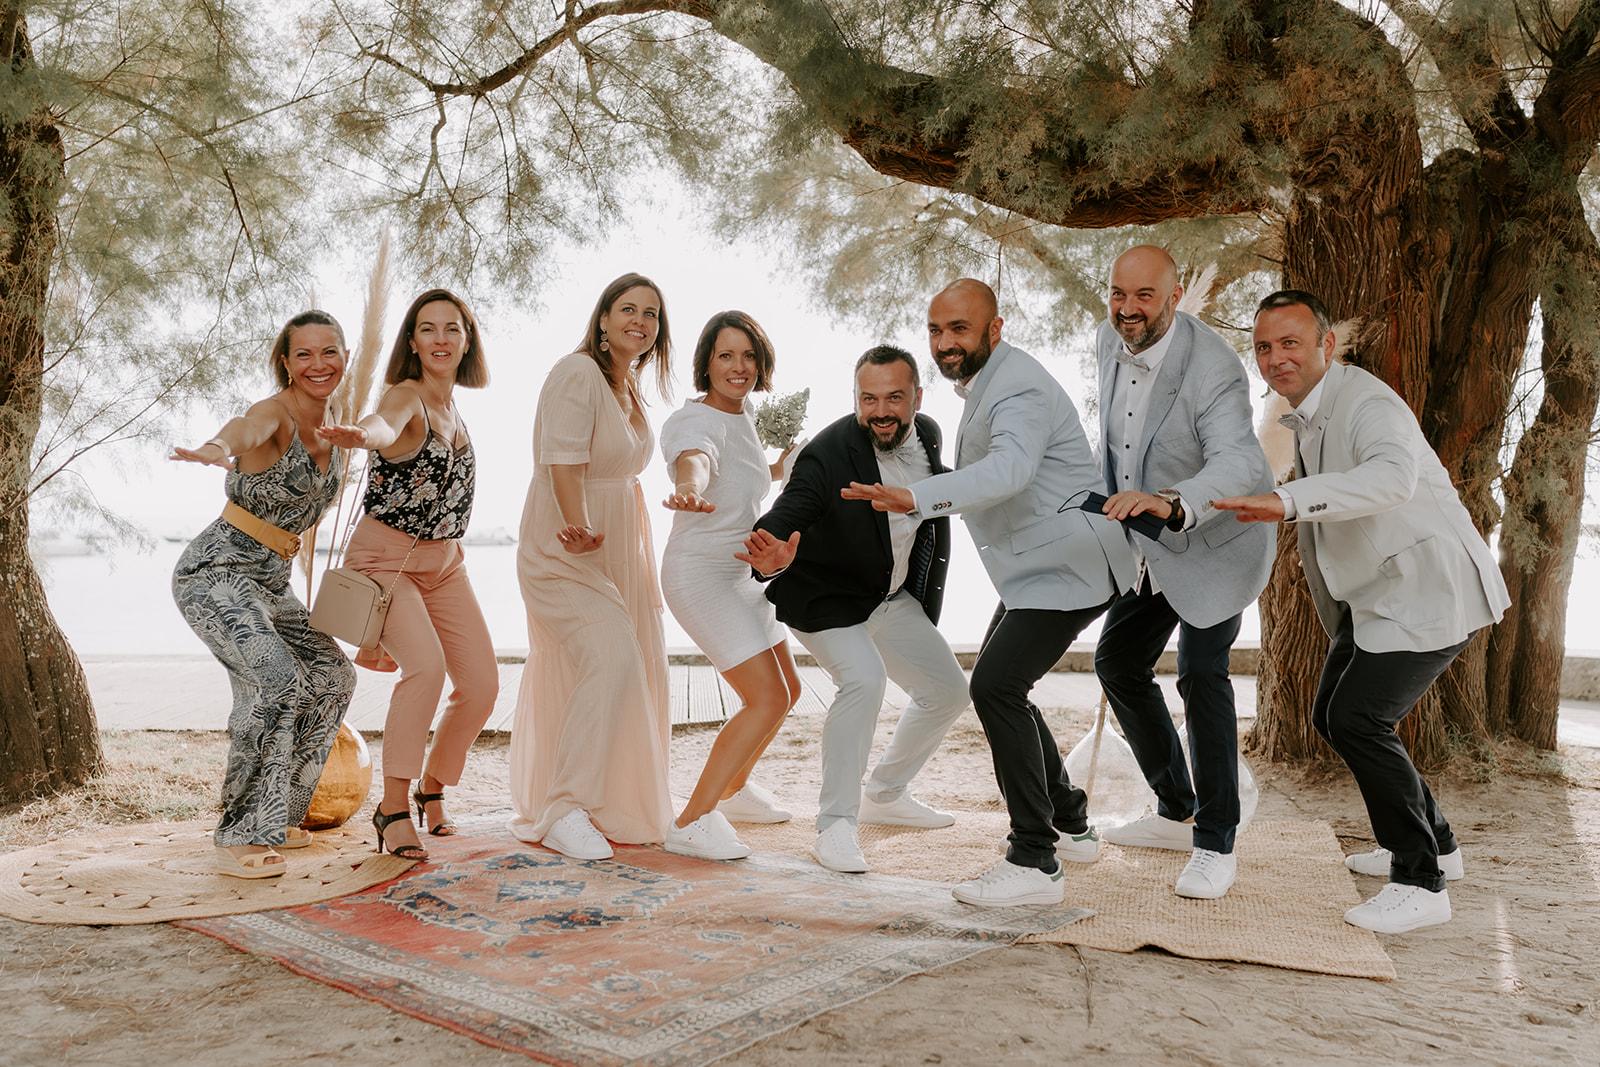 Mariage-CapFerret-ceremonie-laique-groupe-amis.